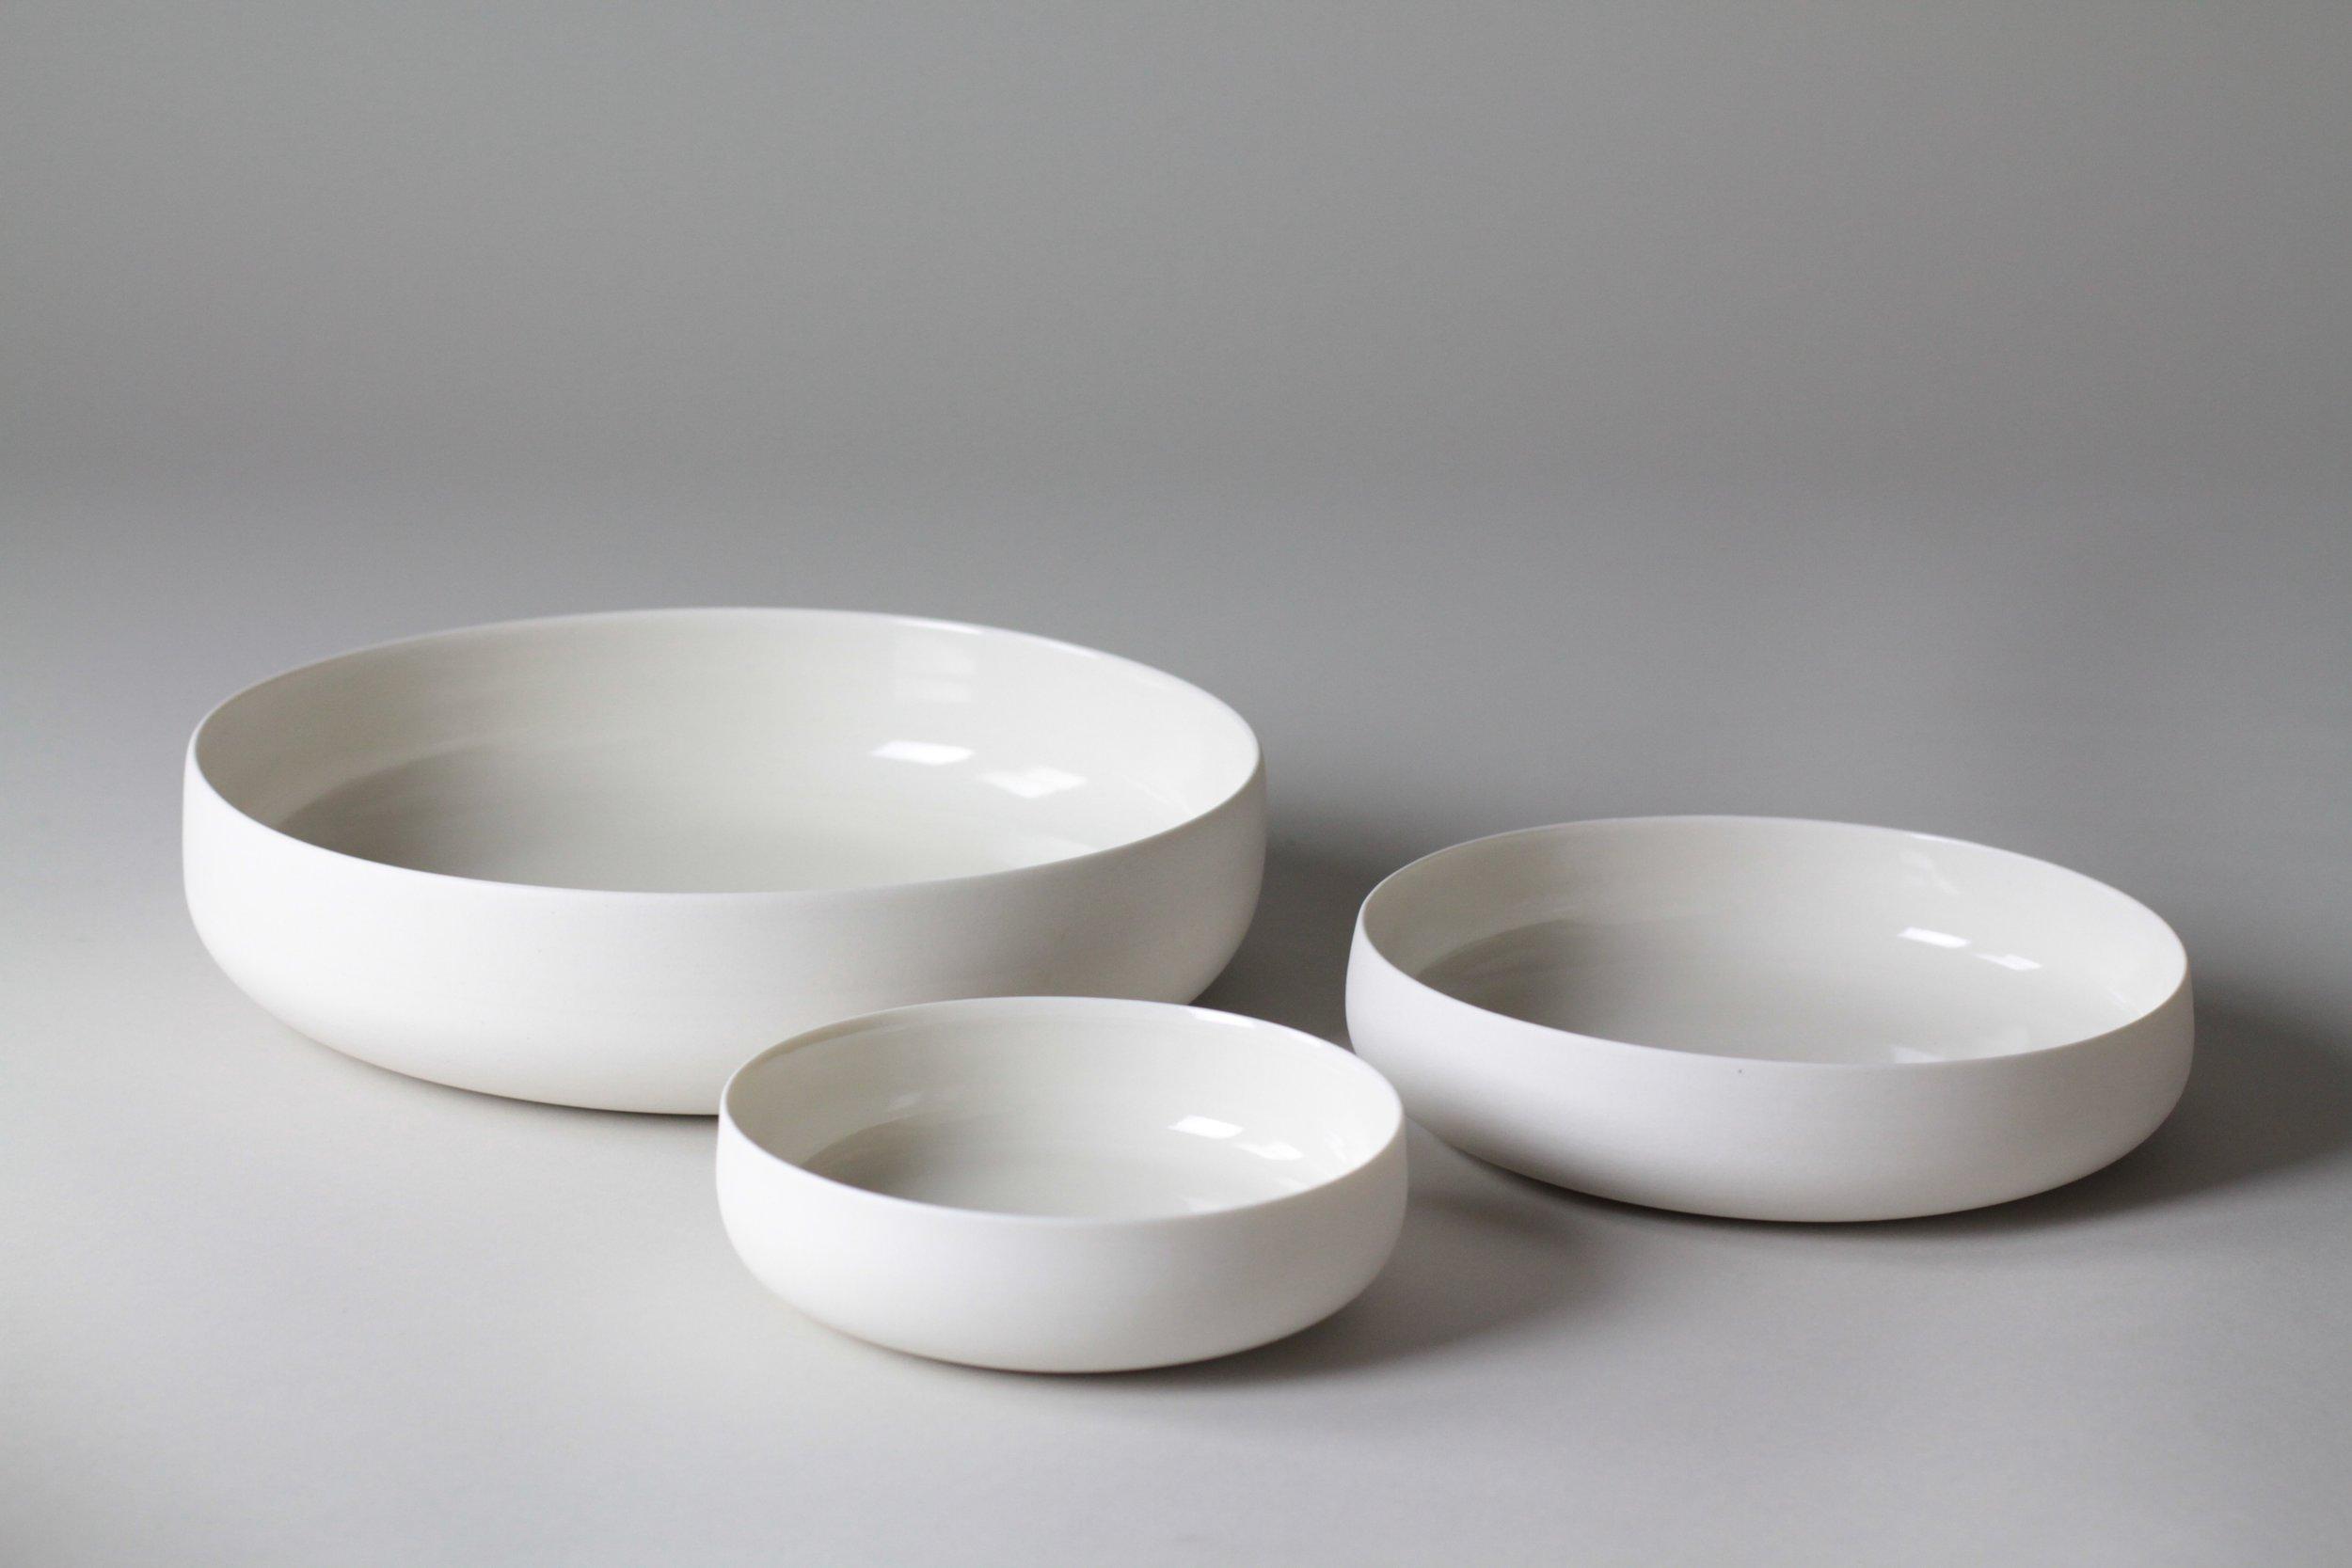 Porcelain ceramic bowls by Lilith Rockett, Portland, Oregon